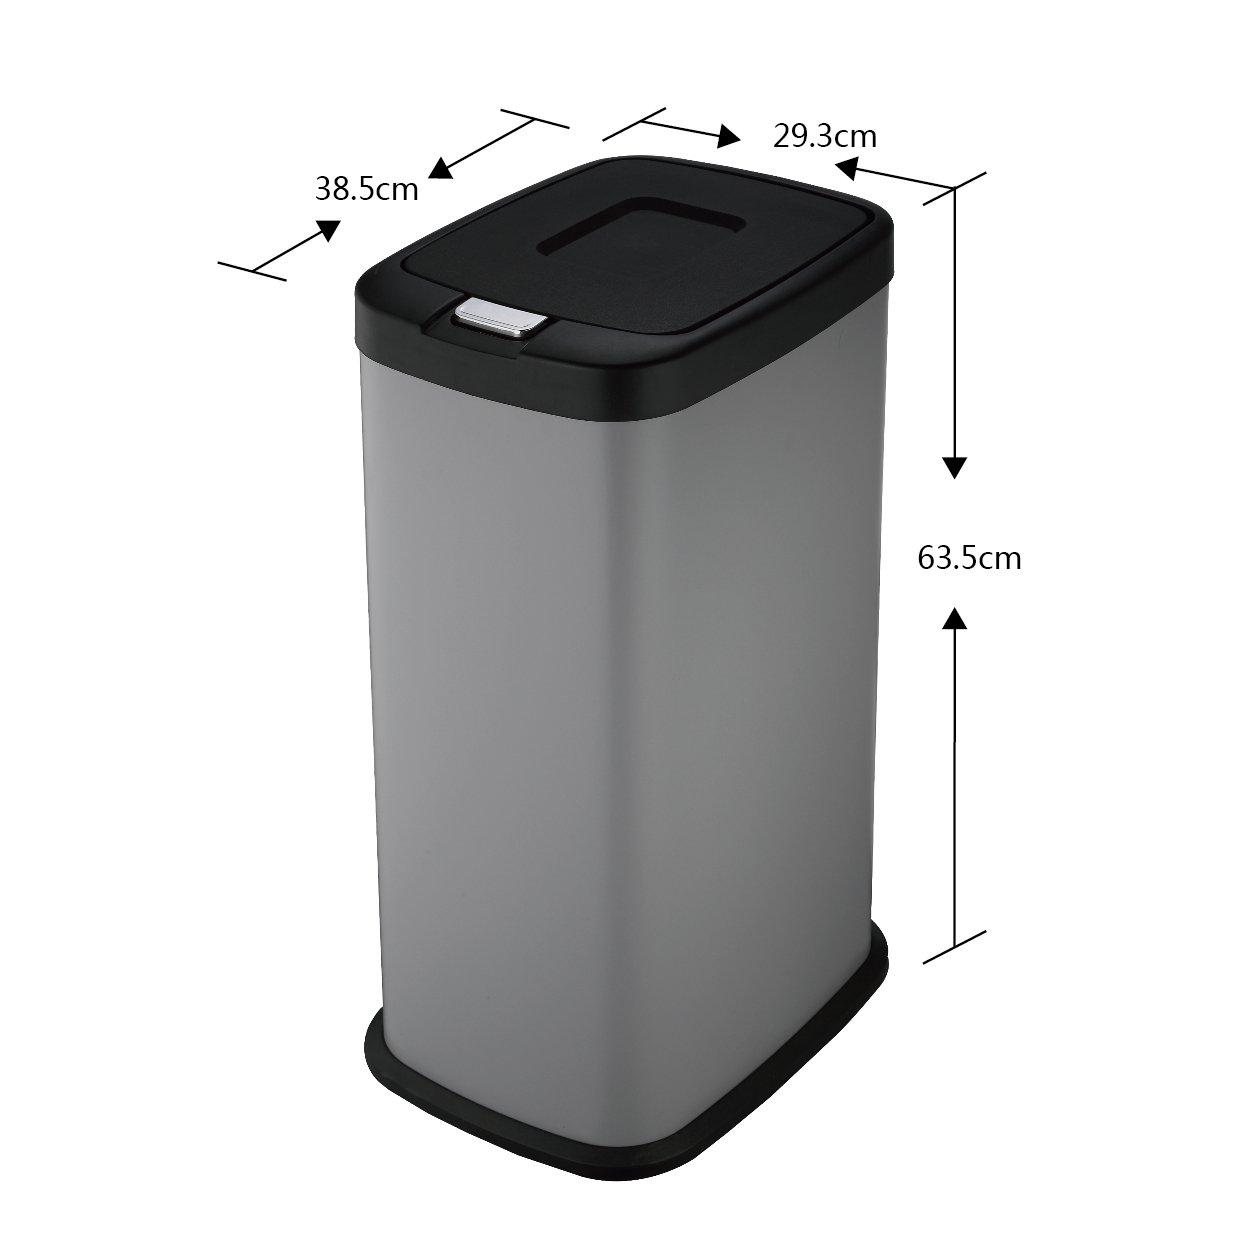 Harima Mülleimer | Abfallbehälter Küche 38L Grau Farbe Abfalleimer ...